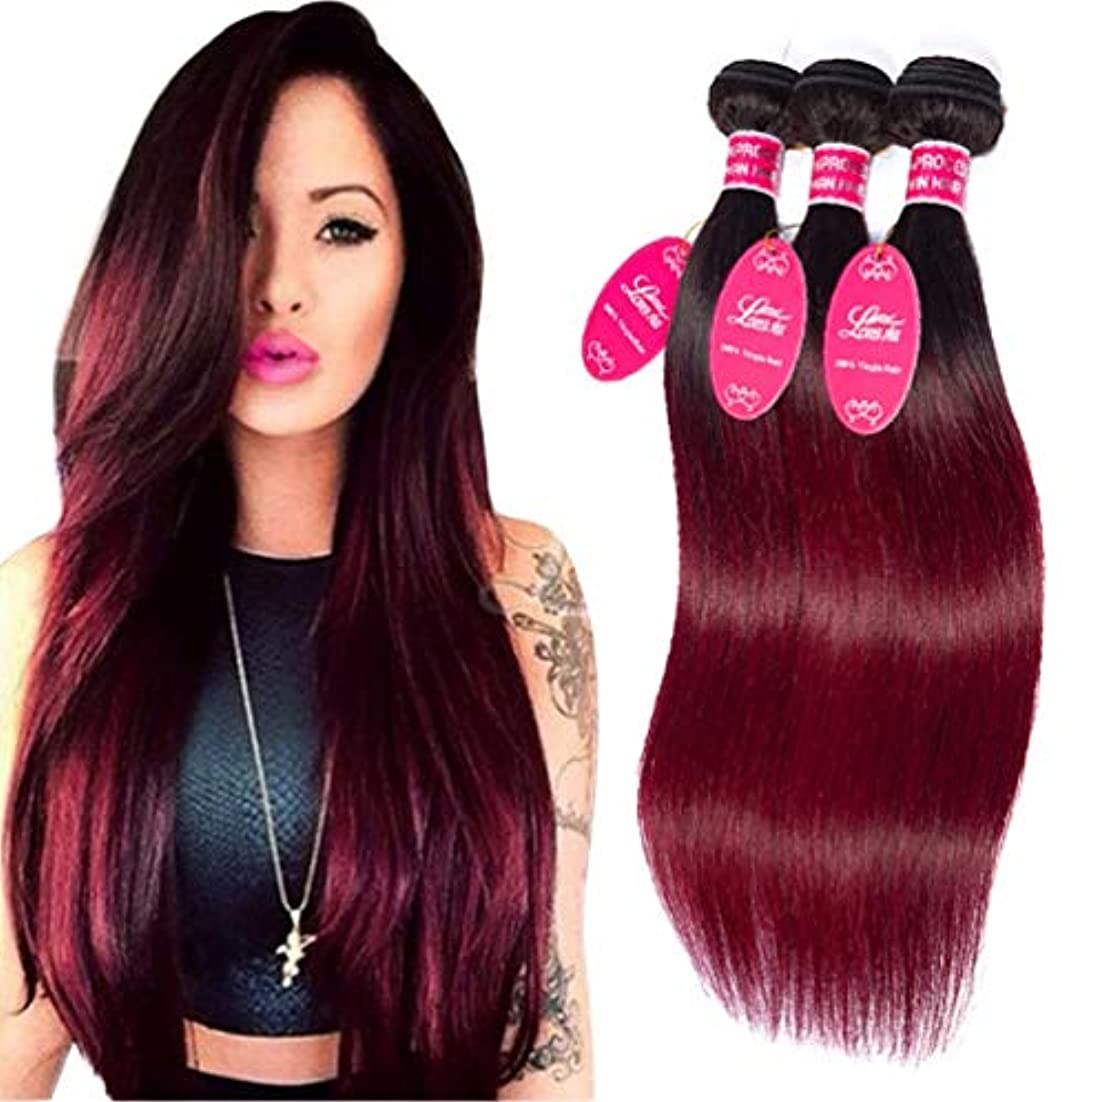 農場ヨーロッパ奪う女性10A髪織りブラジルストレートヘアバンドルブラジル髪人間の髪の束自然色(3バンドル)